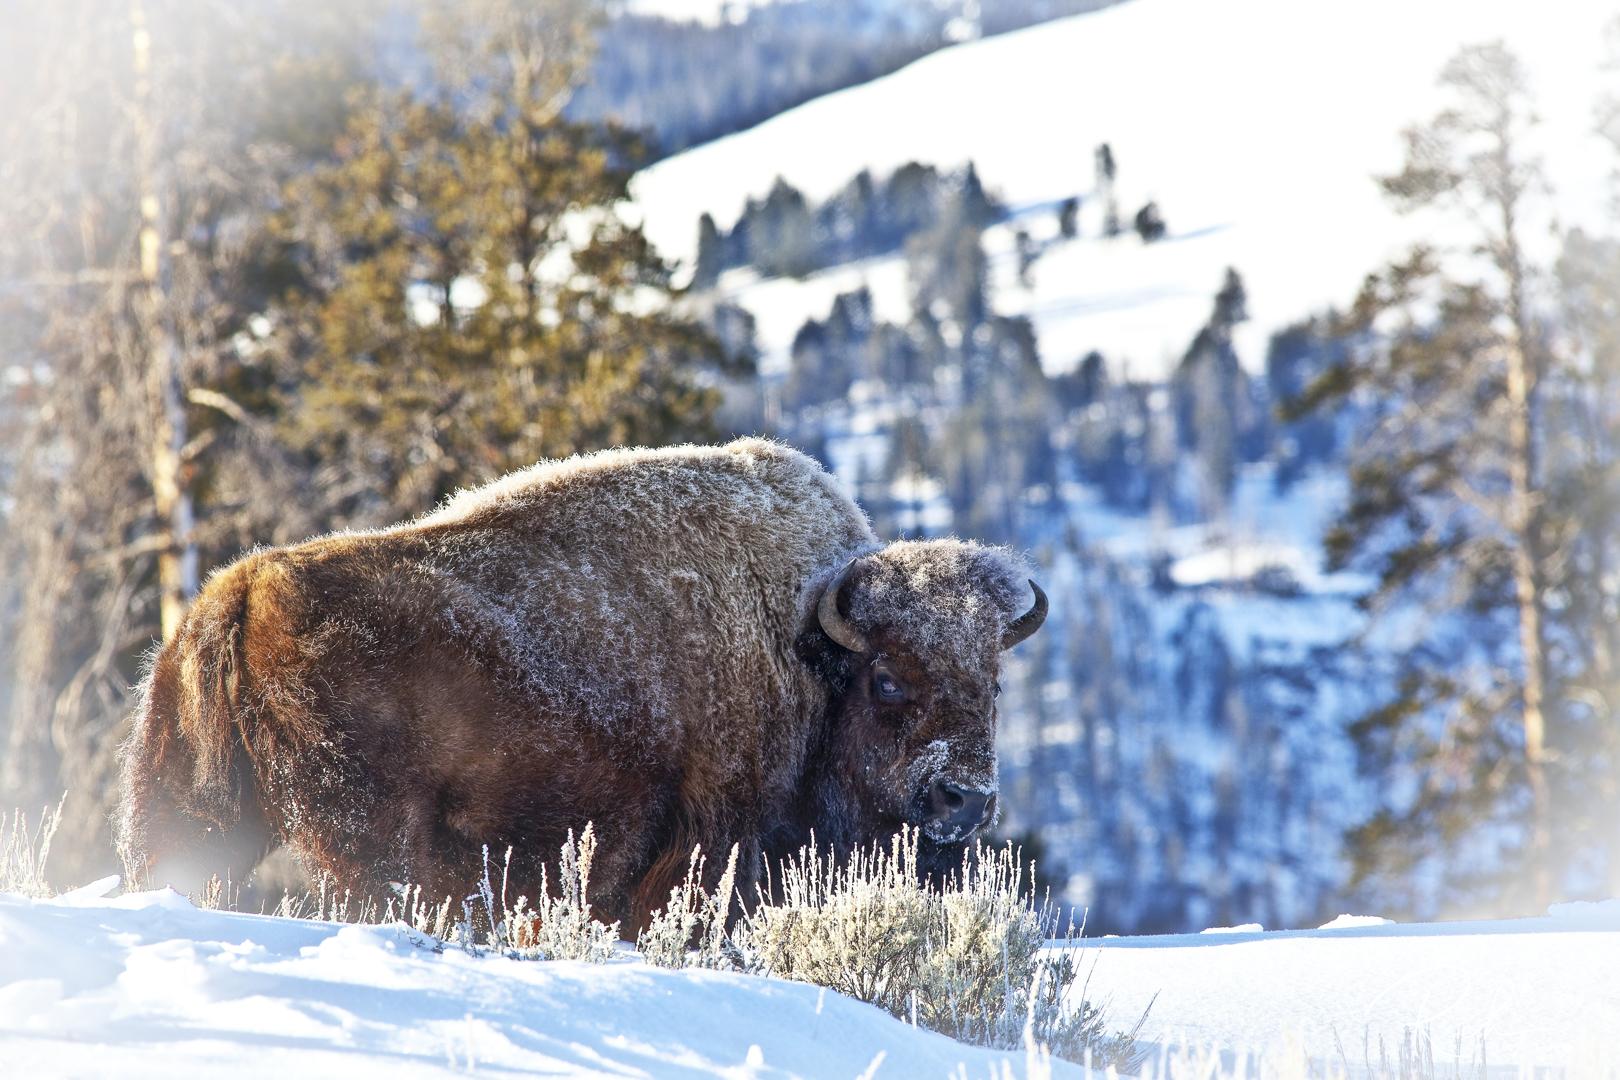 Yellowstone-42-RichBerrett-2